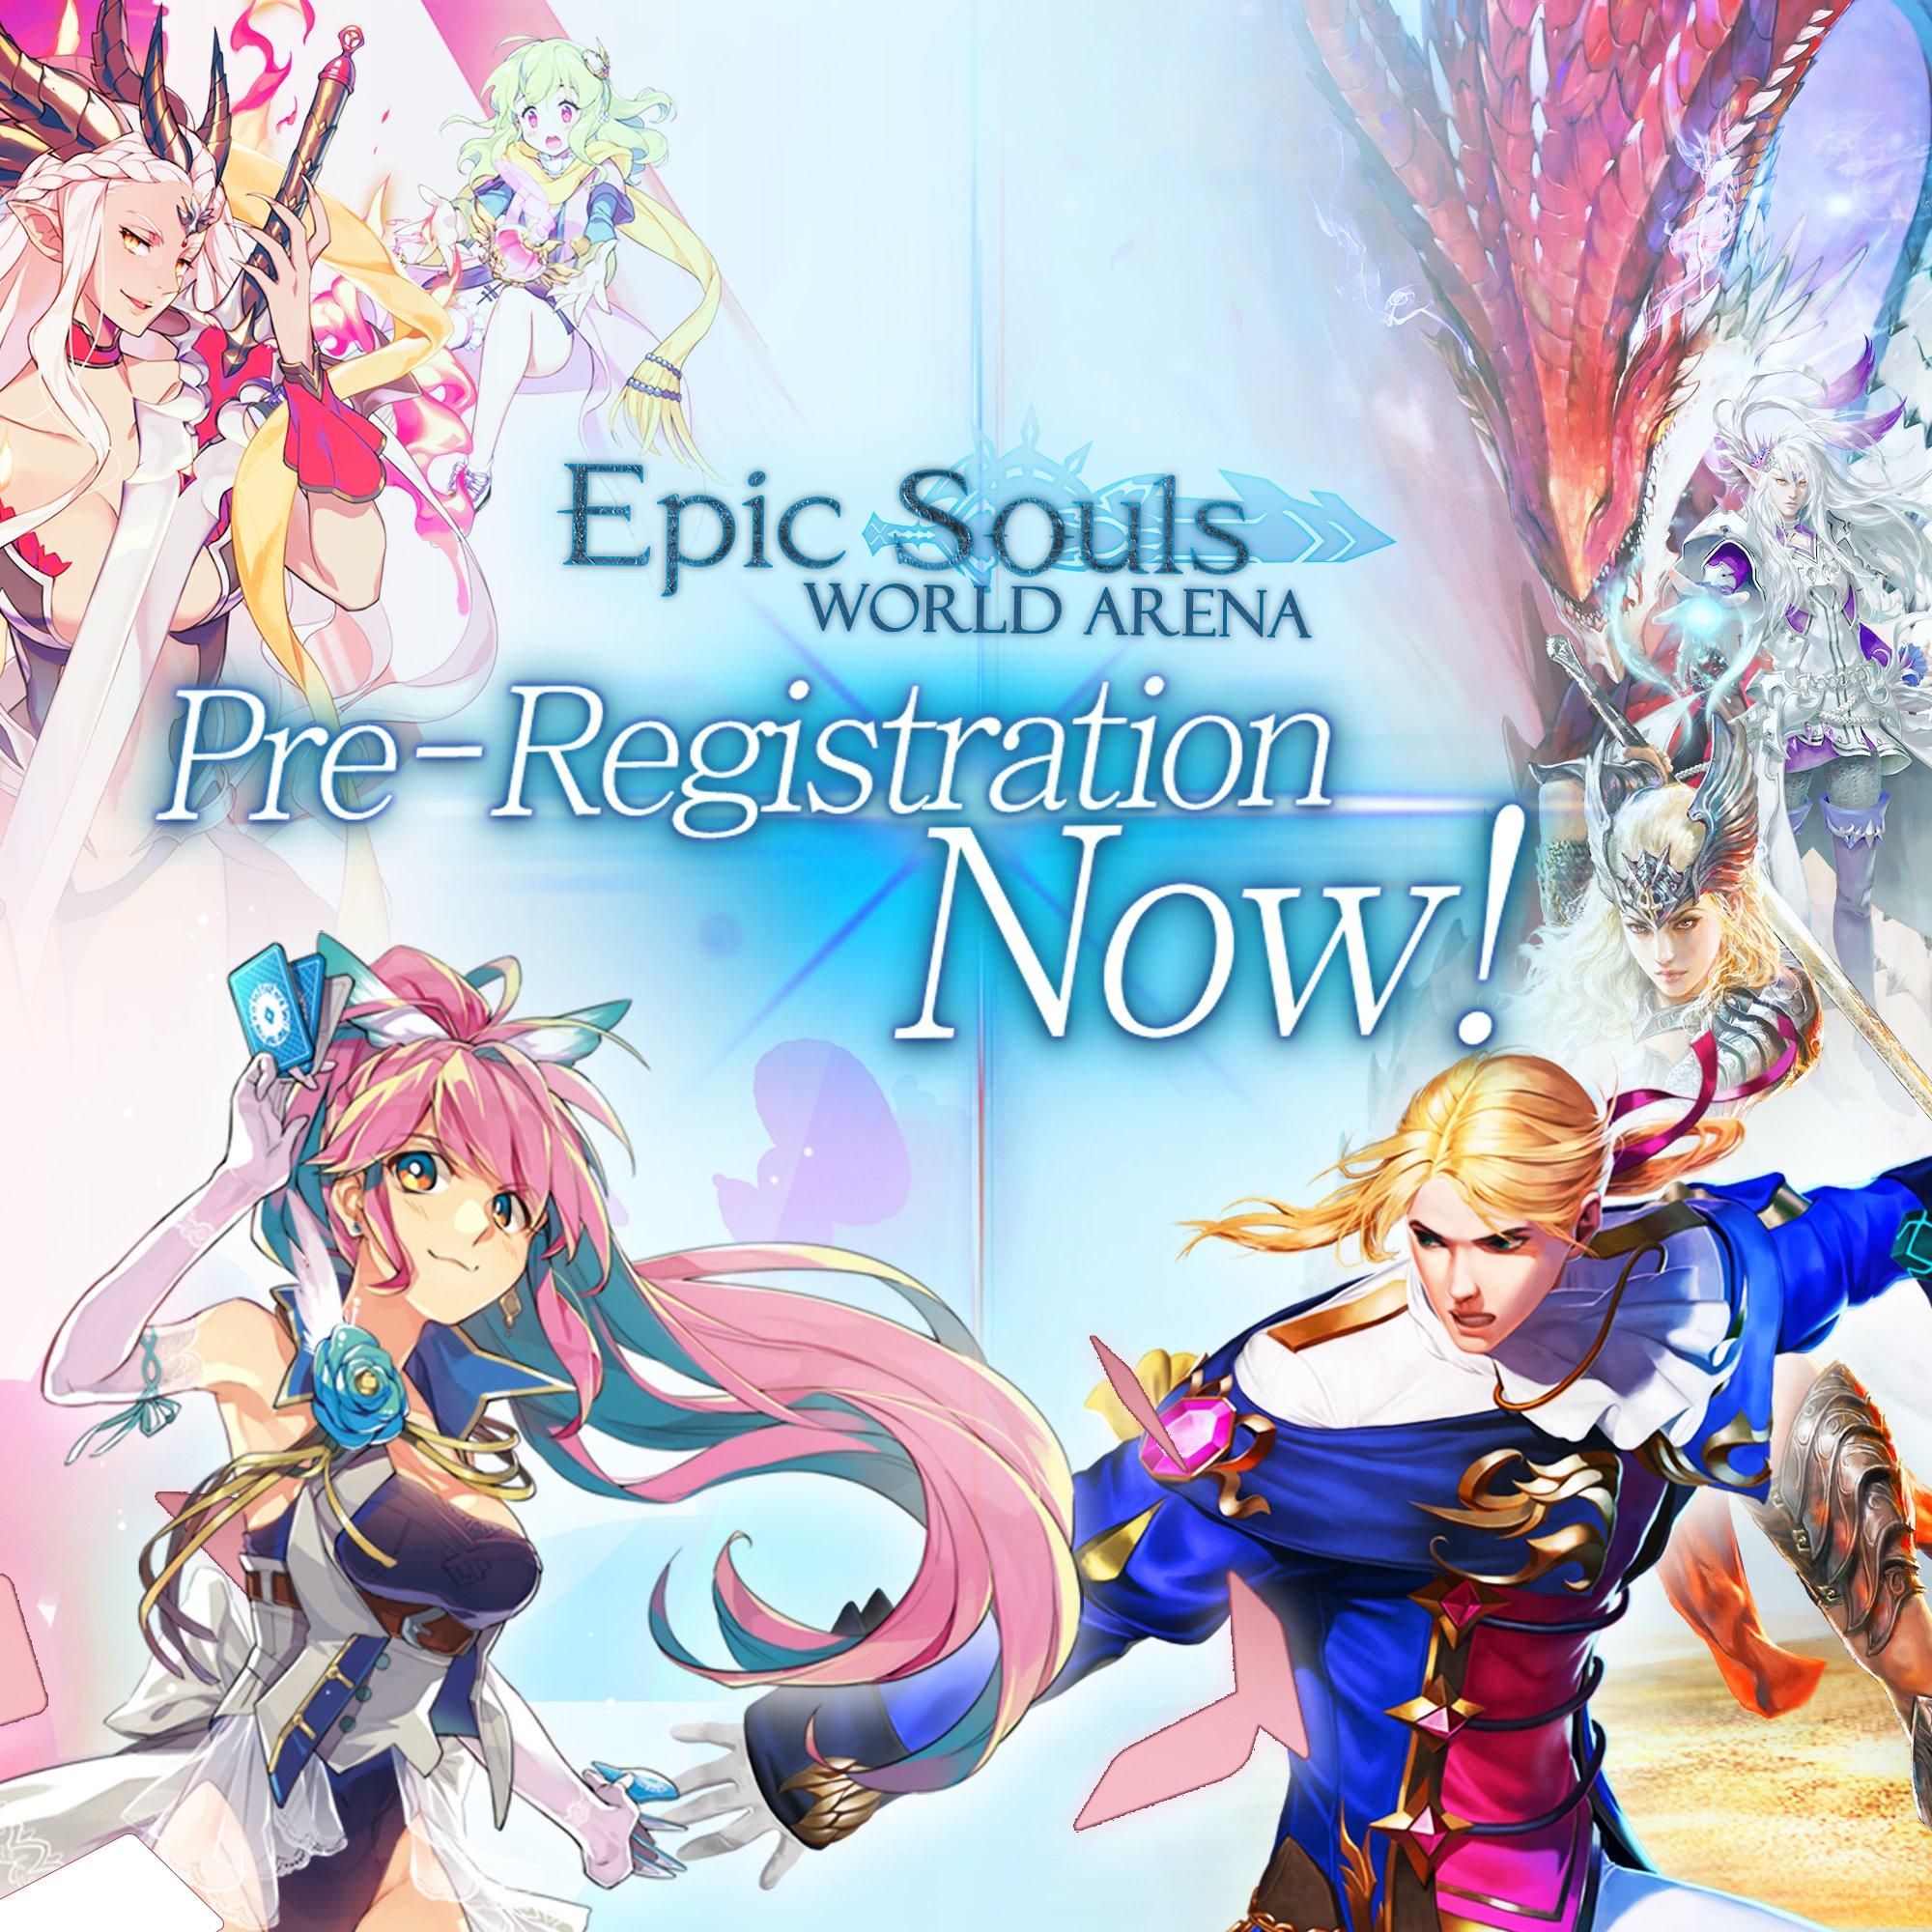 Epic Souls 992020 2